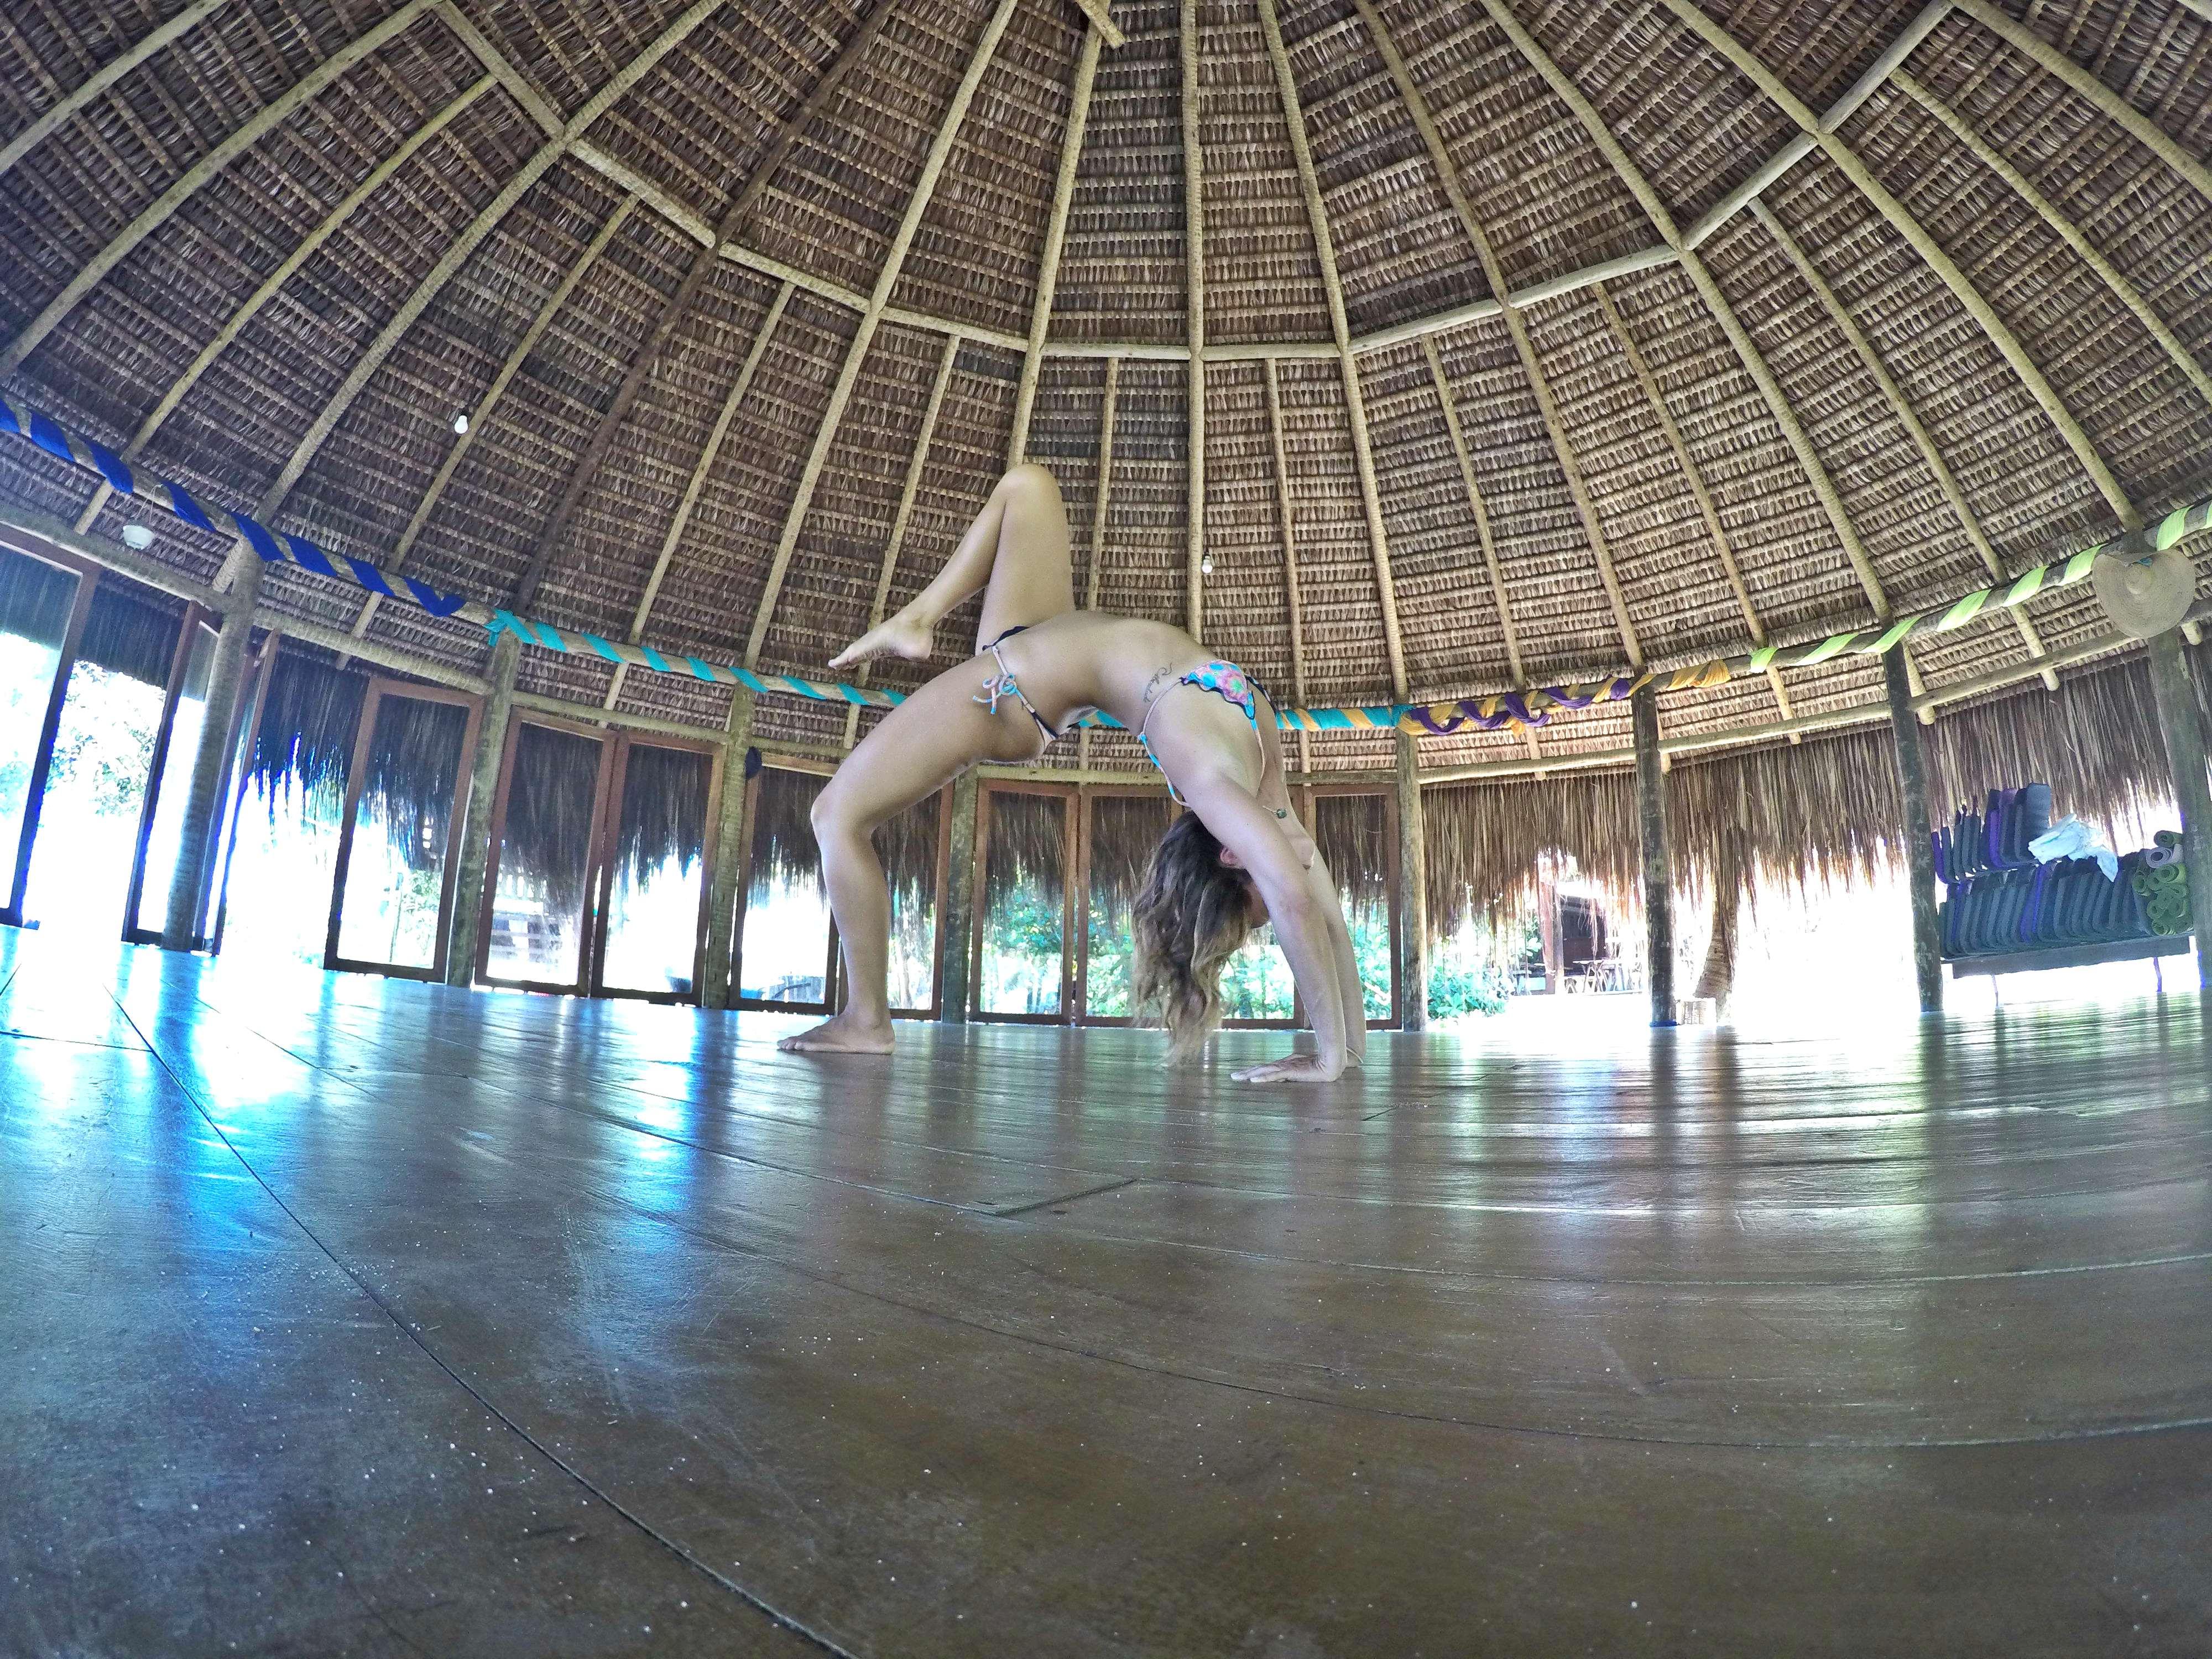 Vestindo a Alma, Blog de Lifestyle, Blog de Viagens, Dicas de viagens, praias do mundo, Bruna Villegas, melhores blogs de viagens, blog de viagens pelo mundo, blog estilo de vida, blogs de surf, blog surf trip, melhores blogs, piracanga, como chegar em piracanga, retiro de yoga, yoga, bahia, itacare